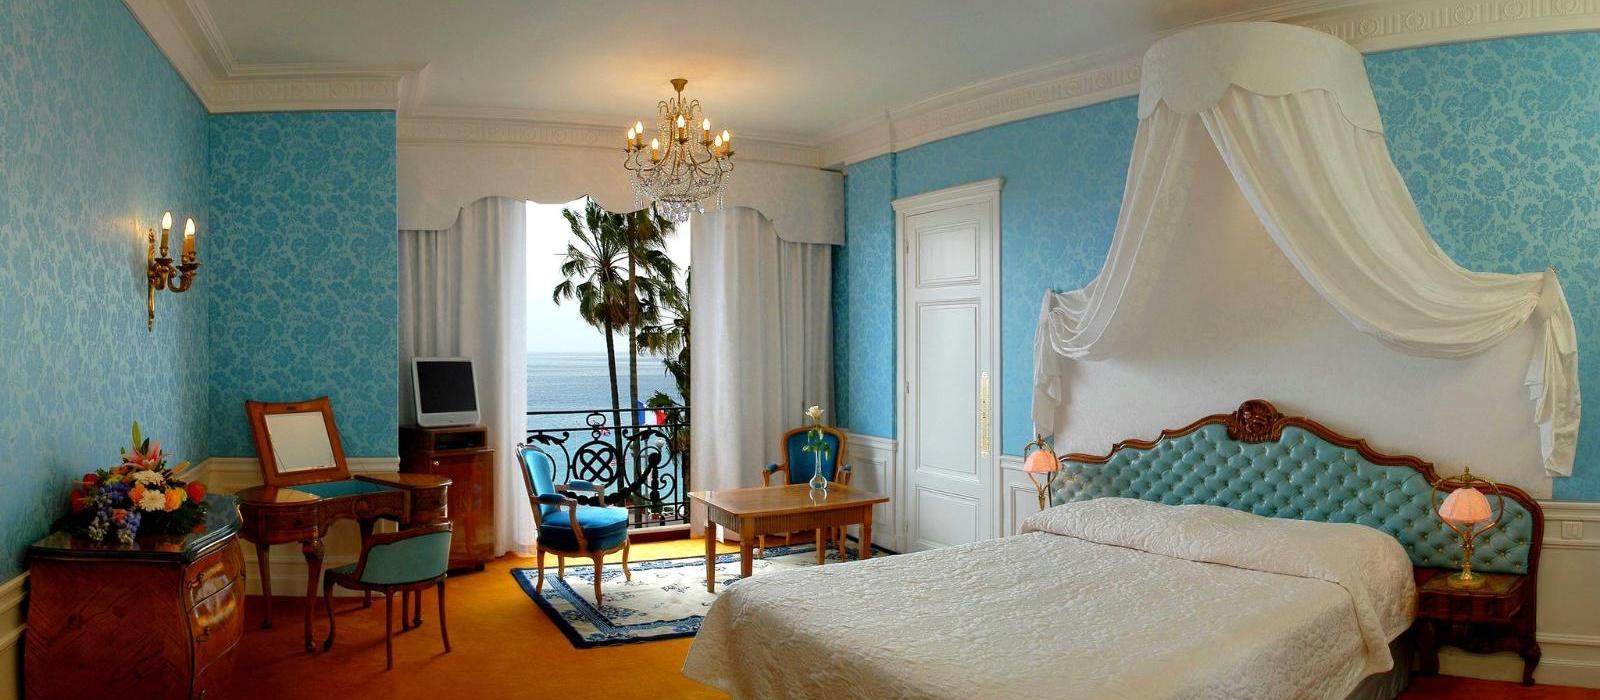 旎诗阁海滨酒店(Le Negresco) 豪华海景客房图片  www.lhw.cn